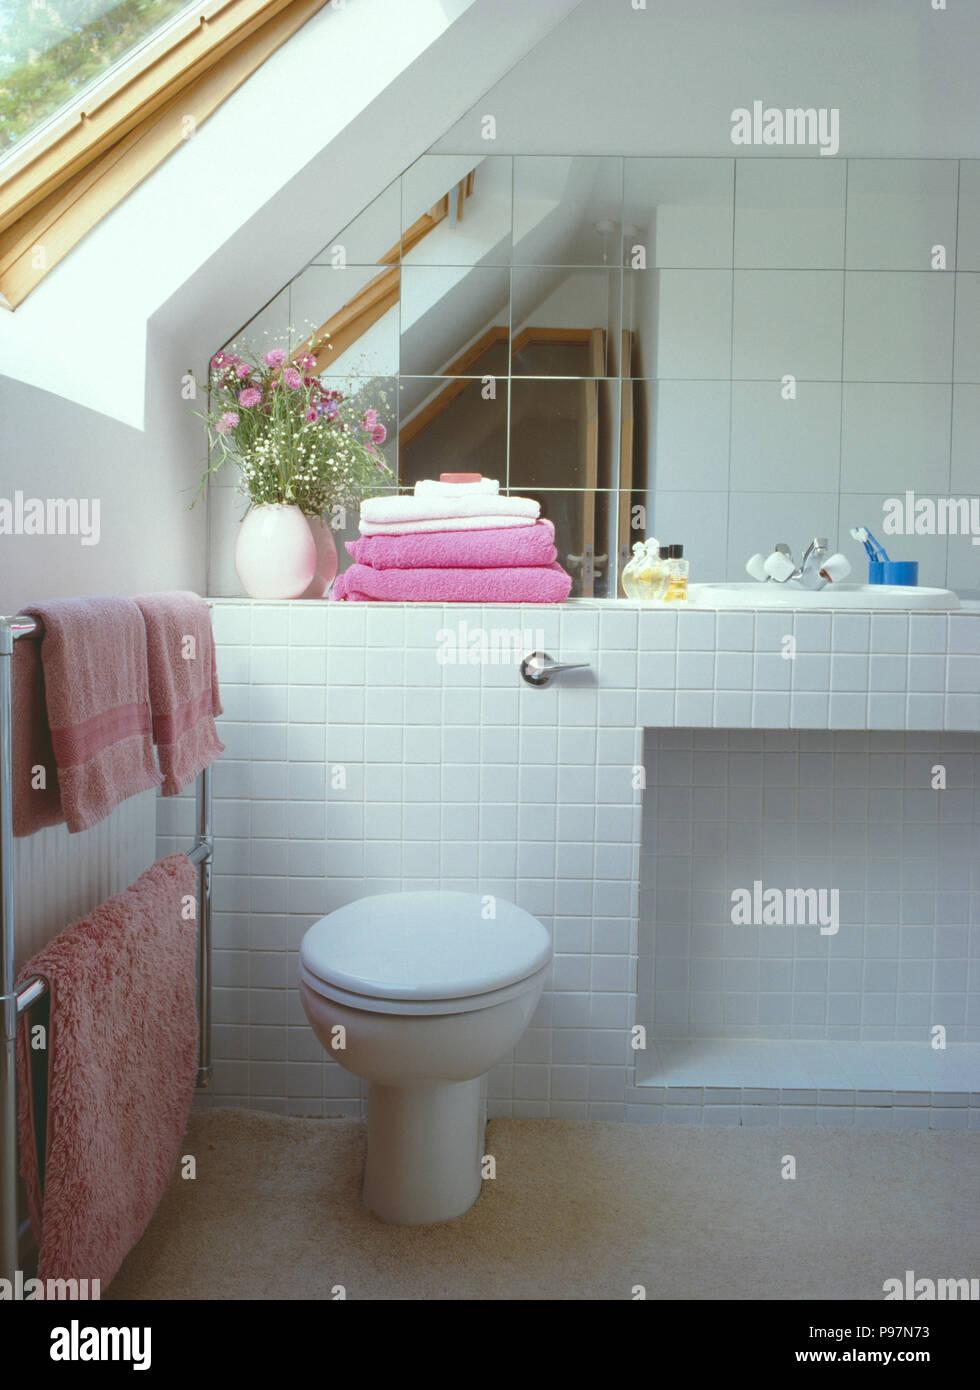 Spiegel Fliesen An Wand Uber Toilette Im Weissen Dachgeschoss